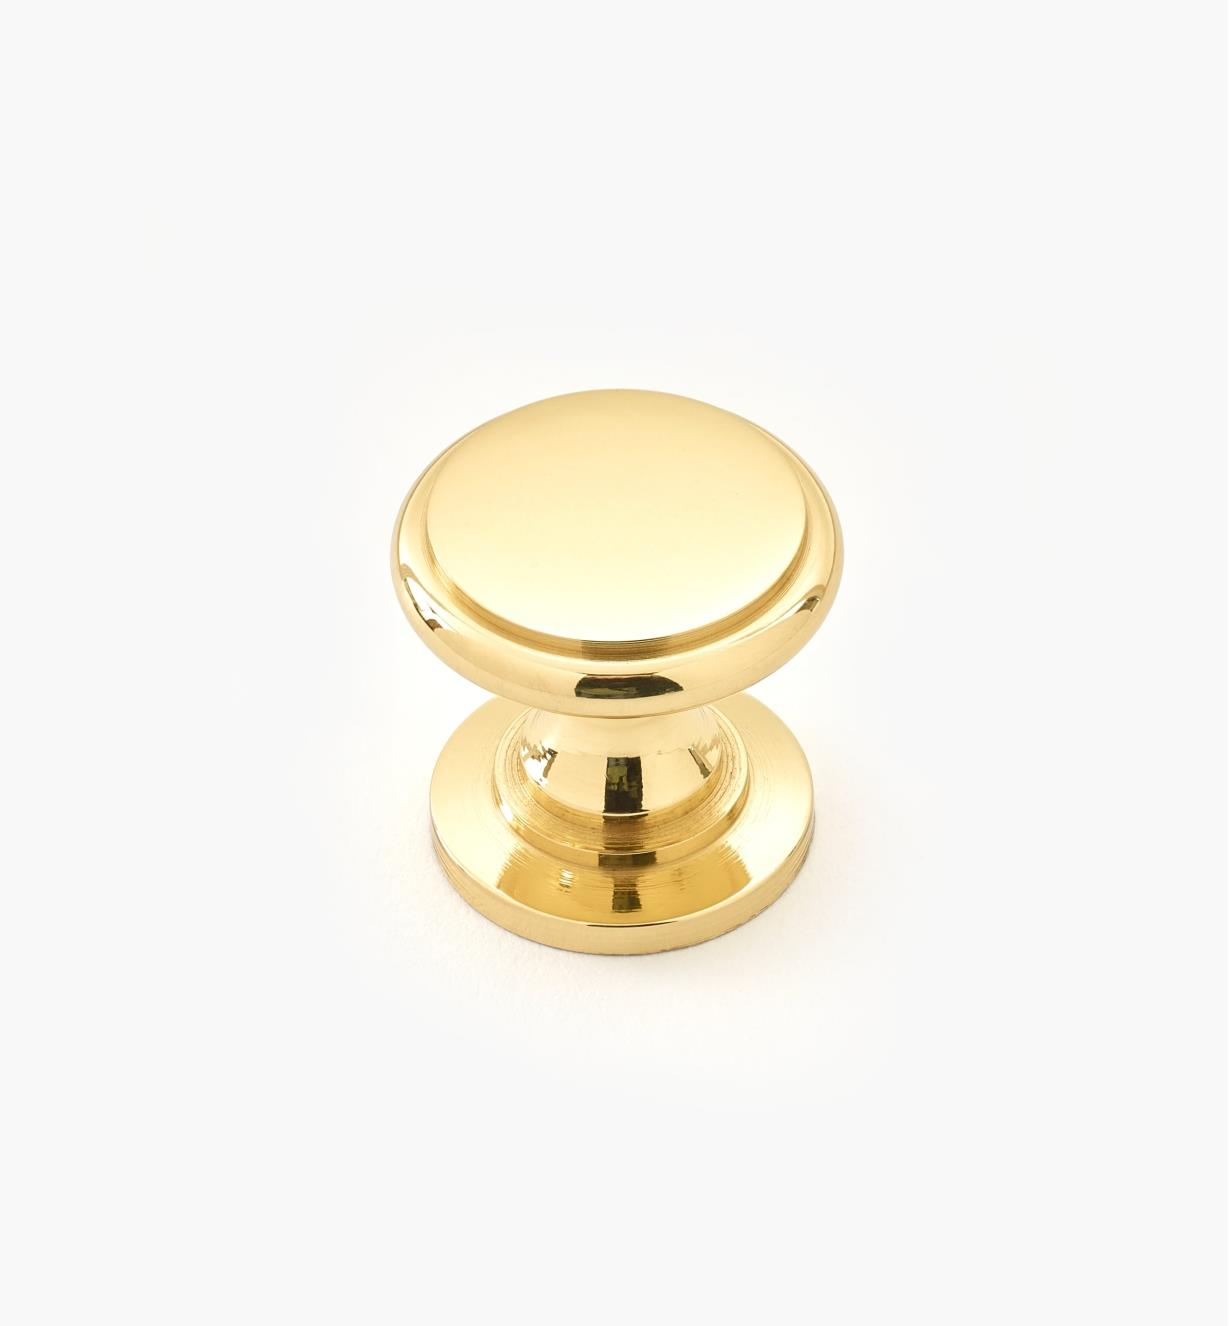 """00W3417 - 11/16"""" x 5/8"""" Small Brass Knob"""